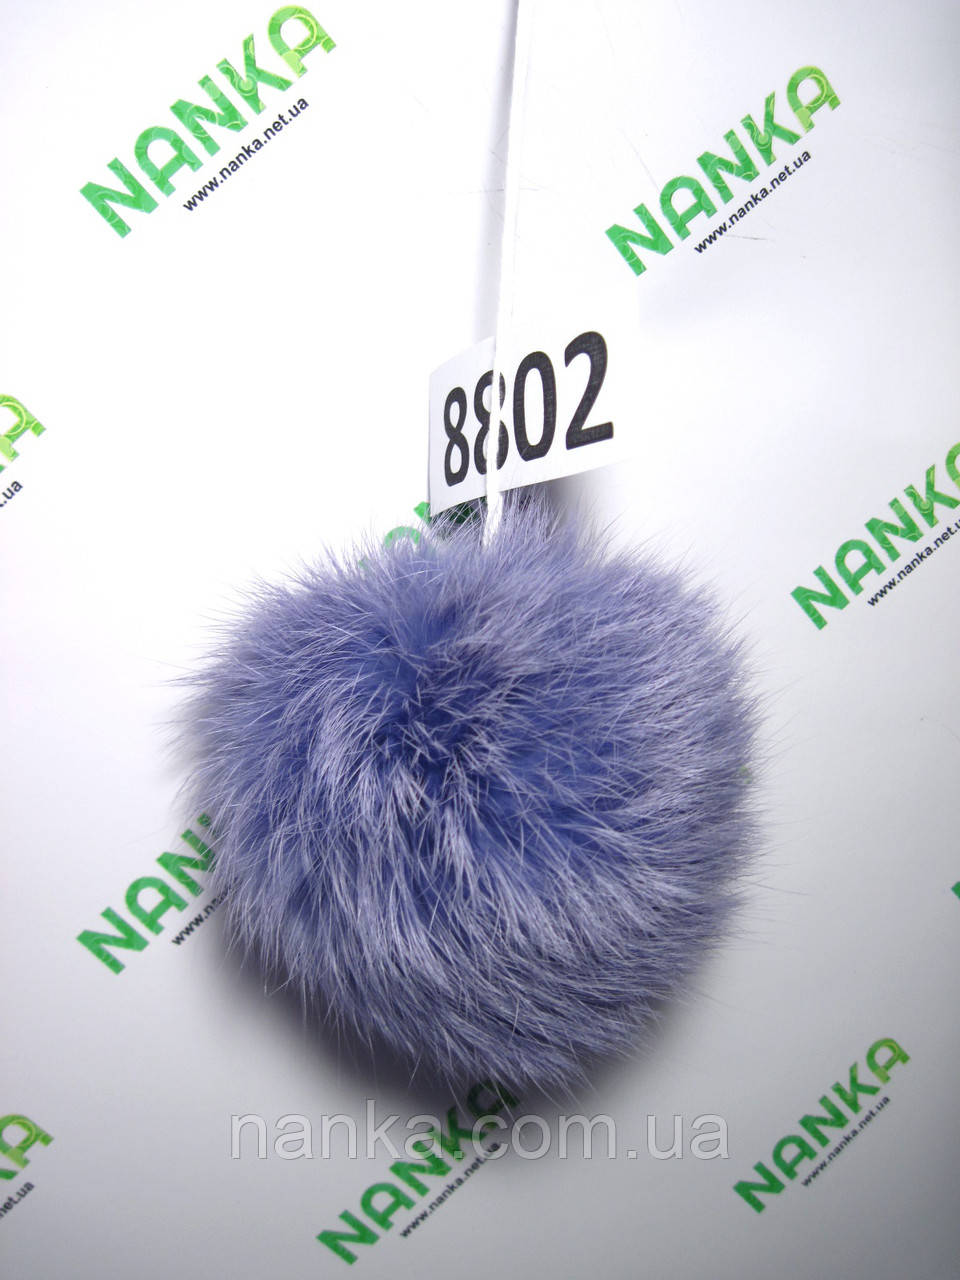 Меховой помпон Кролик, Сирень, 10 см, 8802